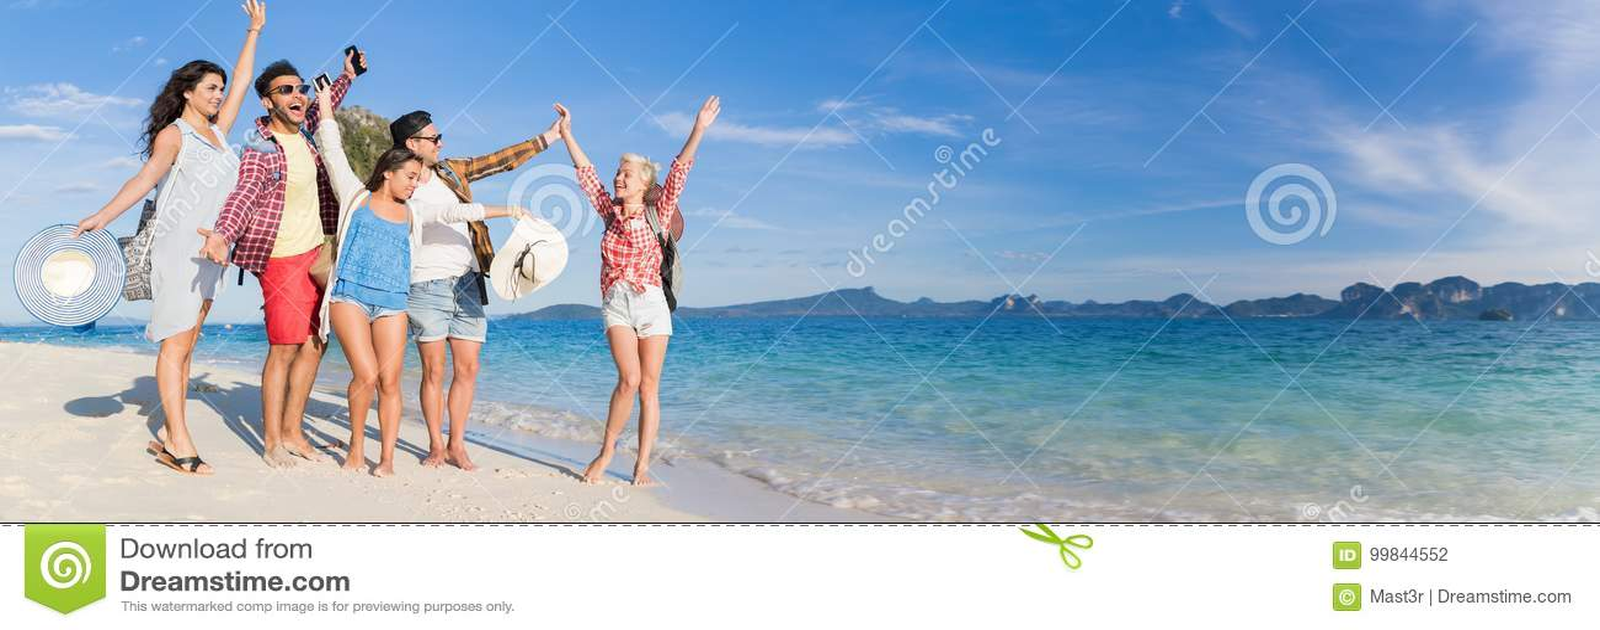 Junge Leute-Gruppe auf Strand-Sommer-Ferien, glückliche lächelnde Freund-gehende Küste